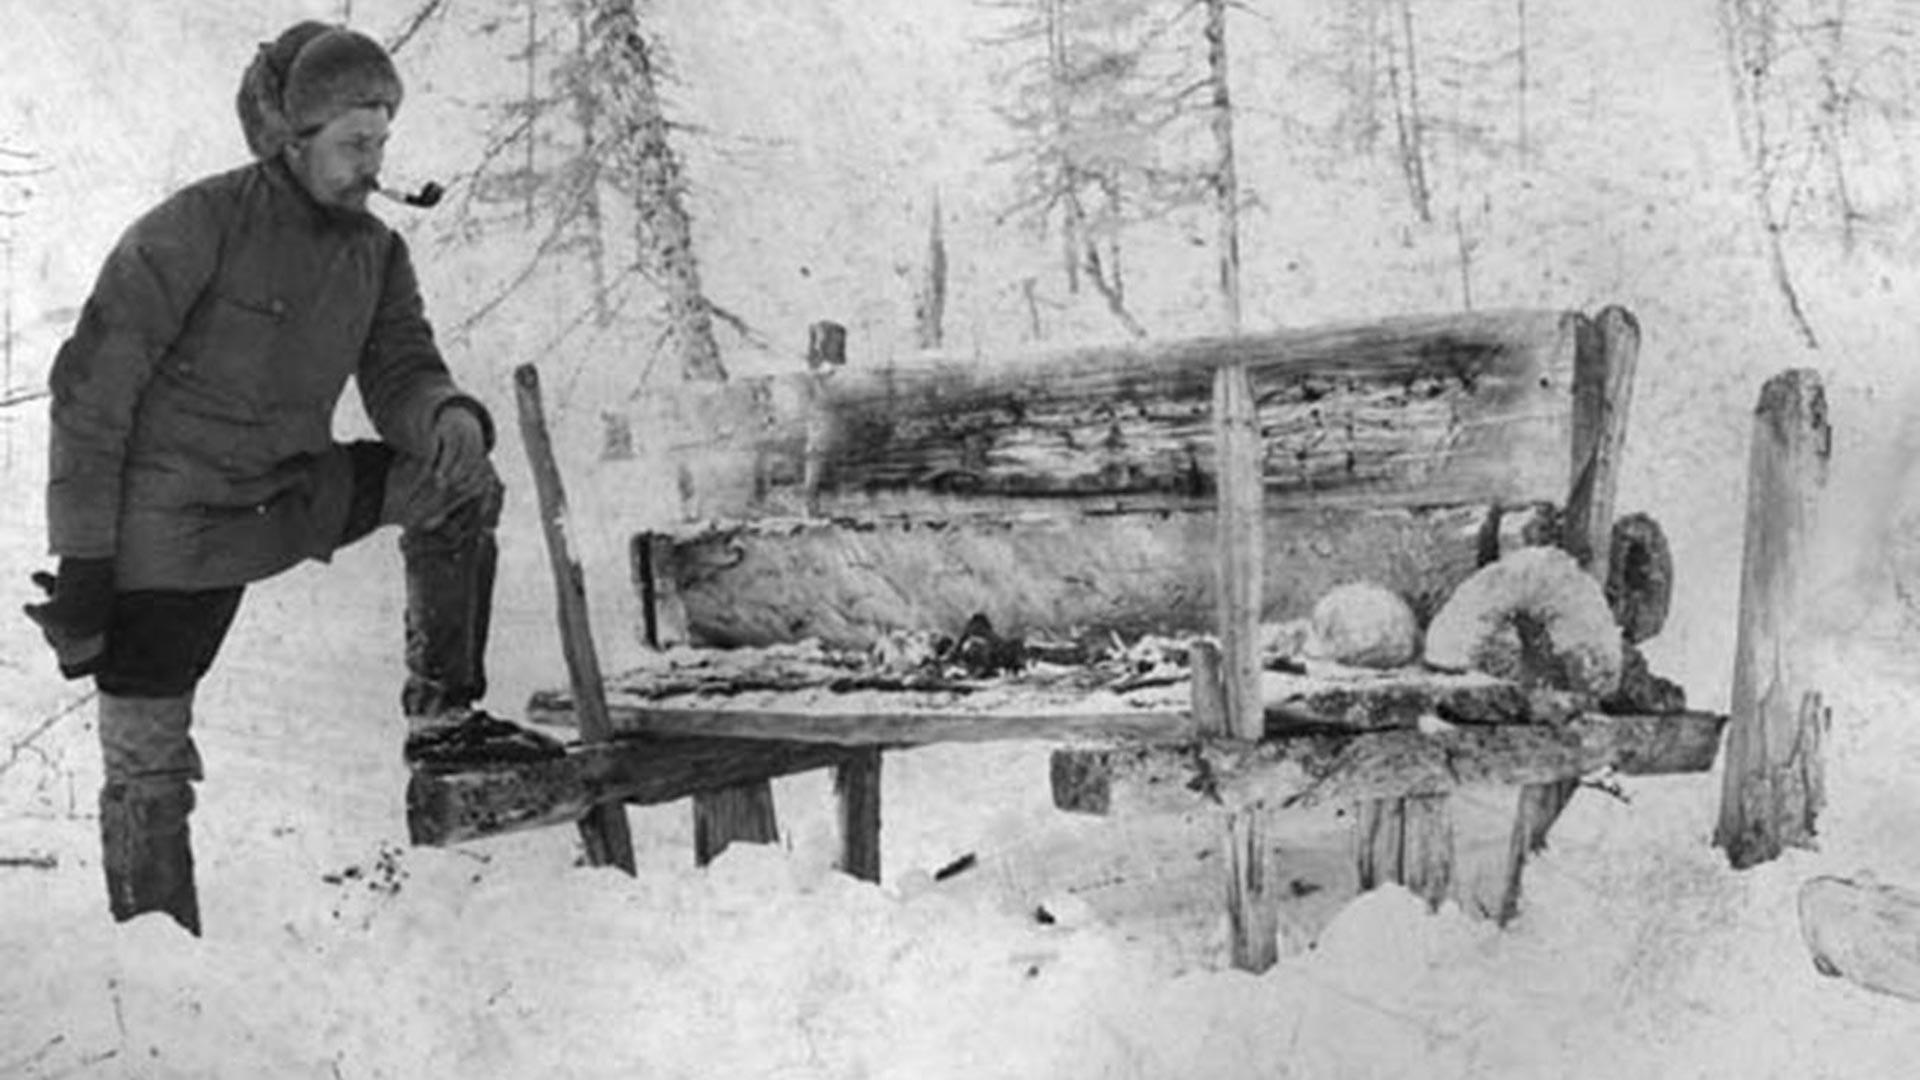 V. Vasilyev, seorang etnografer, dan kuburan orang Yakut di atas tanah di wilayah Yenisey, Siberia, 1905.